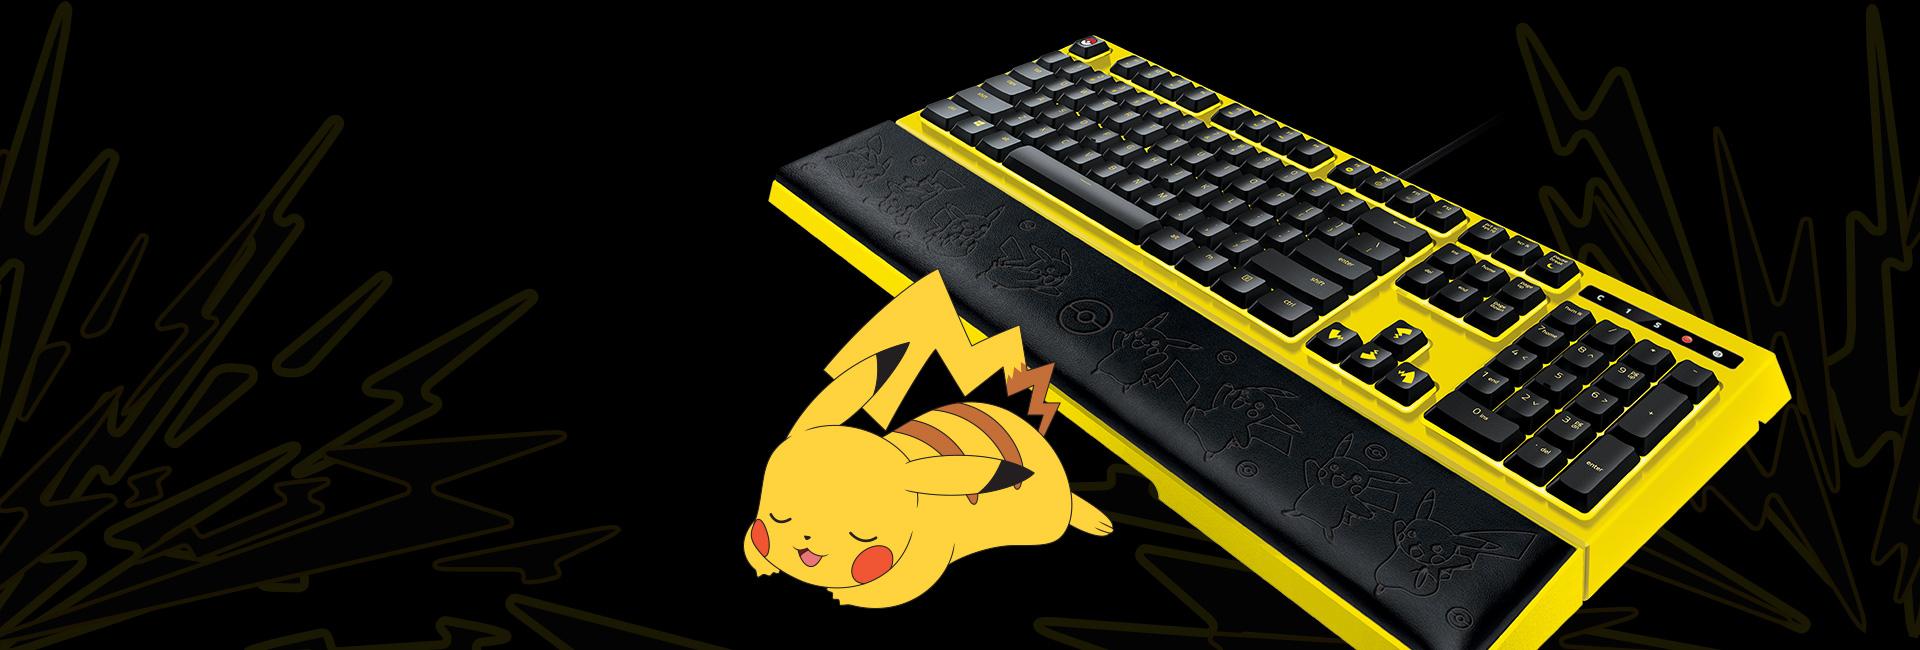 Bàn phím Razer Pokemon Pikachu (USB/RGB/Membrane switch/Limited)  (RZ03-02043700-R3D1)